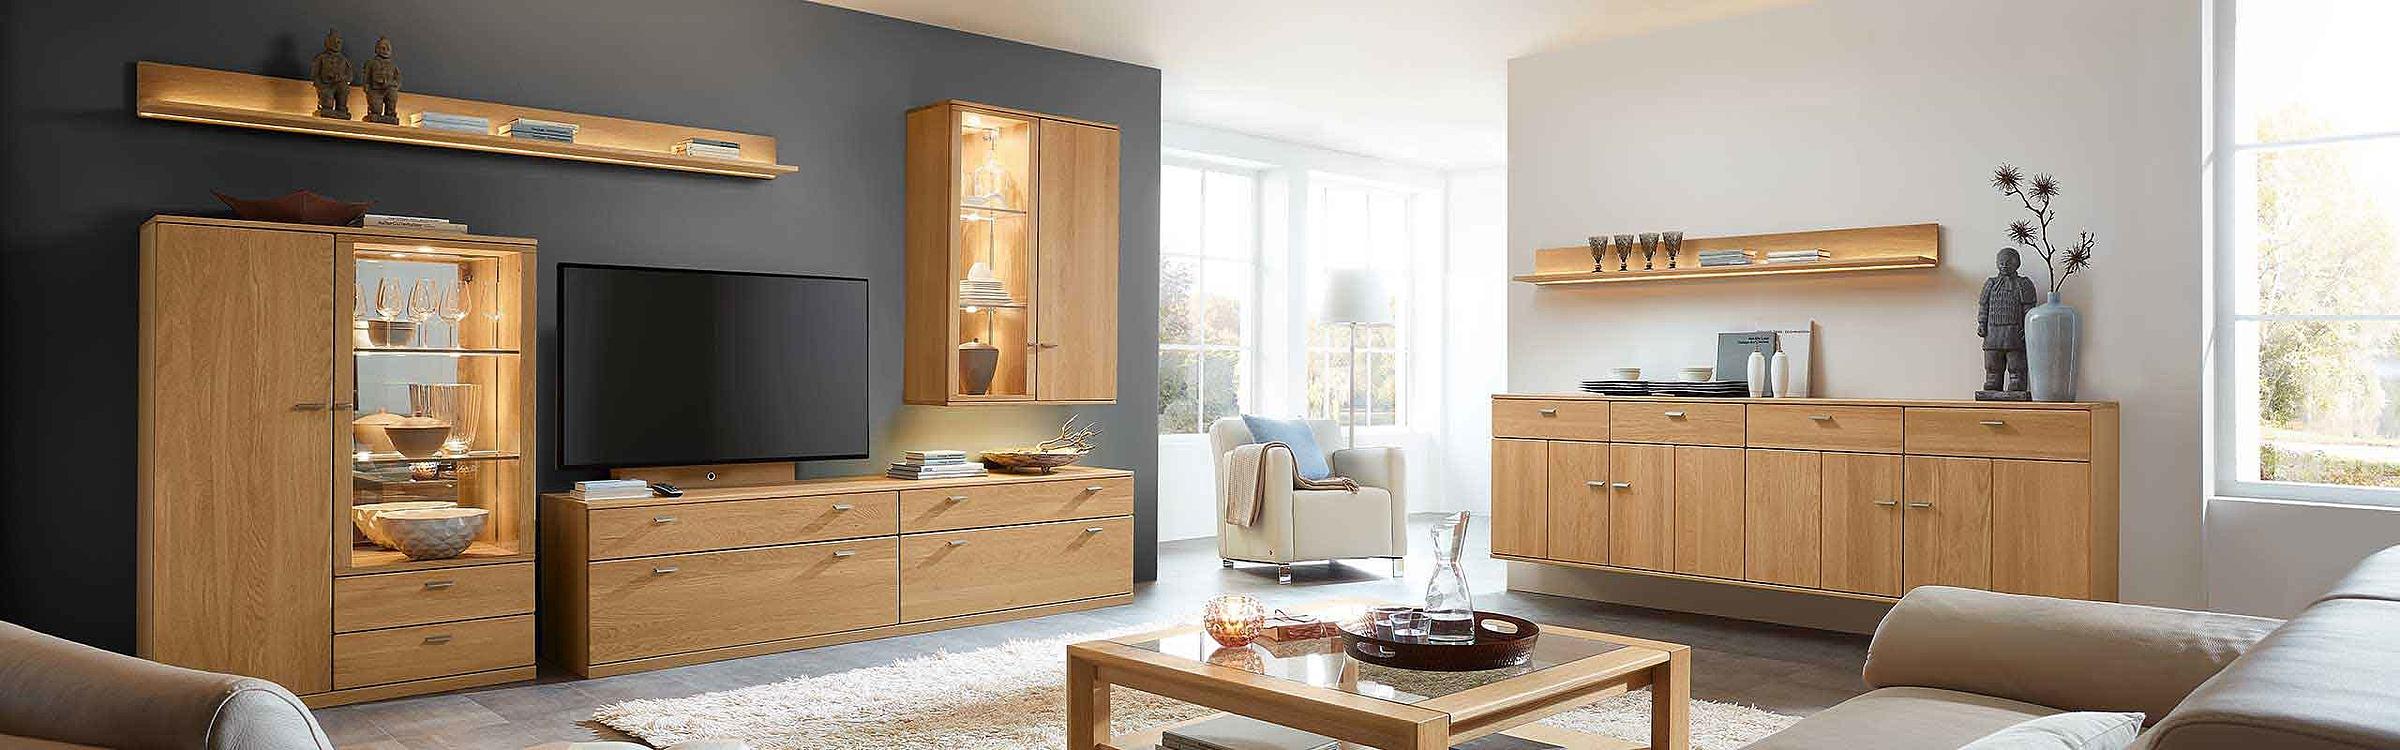 Wohnwand Couchtisch Sideboard hängend Wohnzimmer Allegro Holz Eiche sand massiv